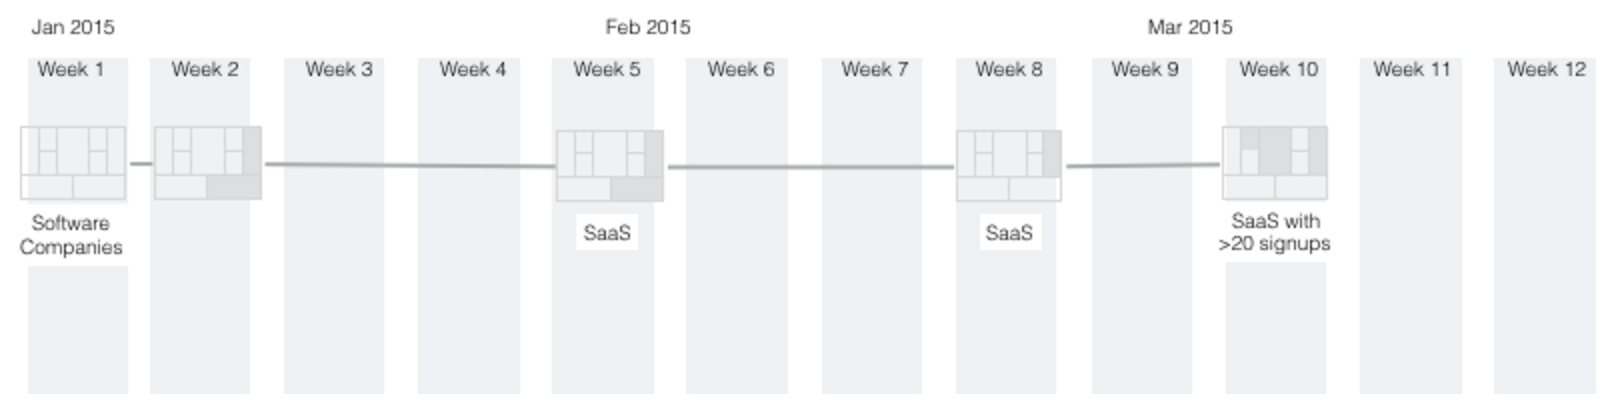 Business Model Timeline 2